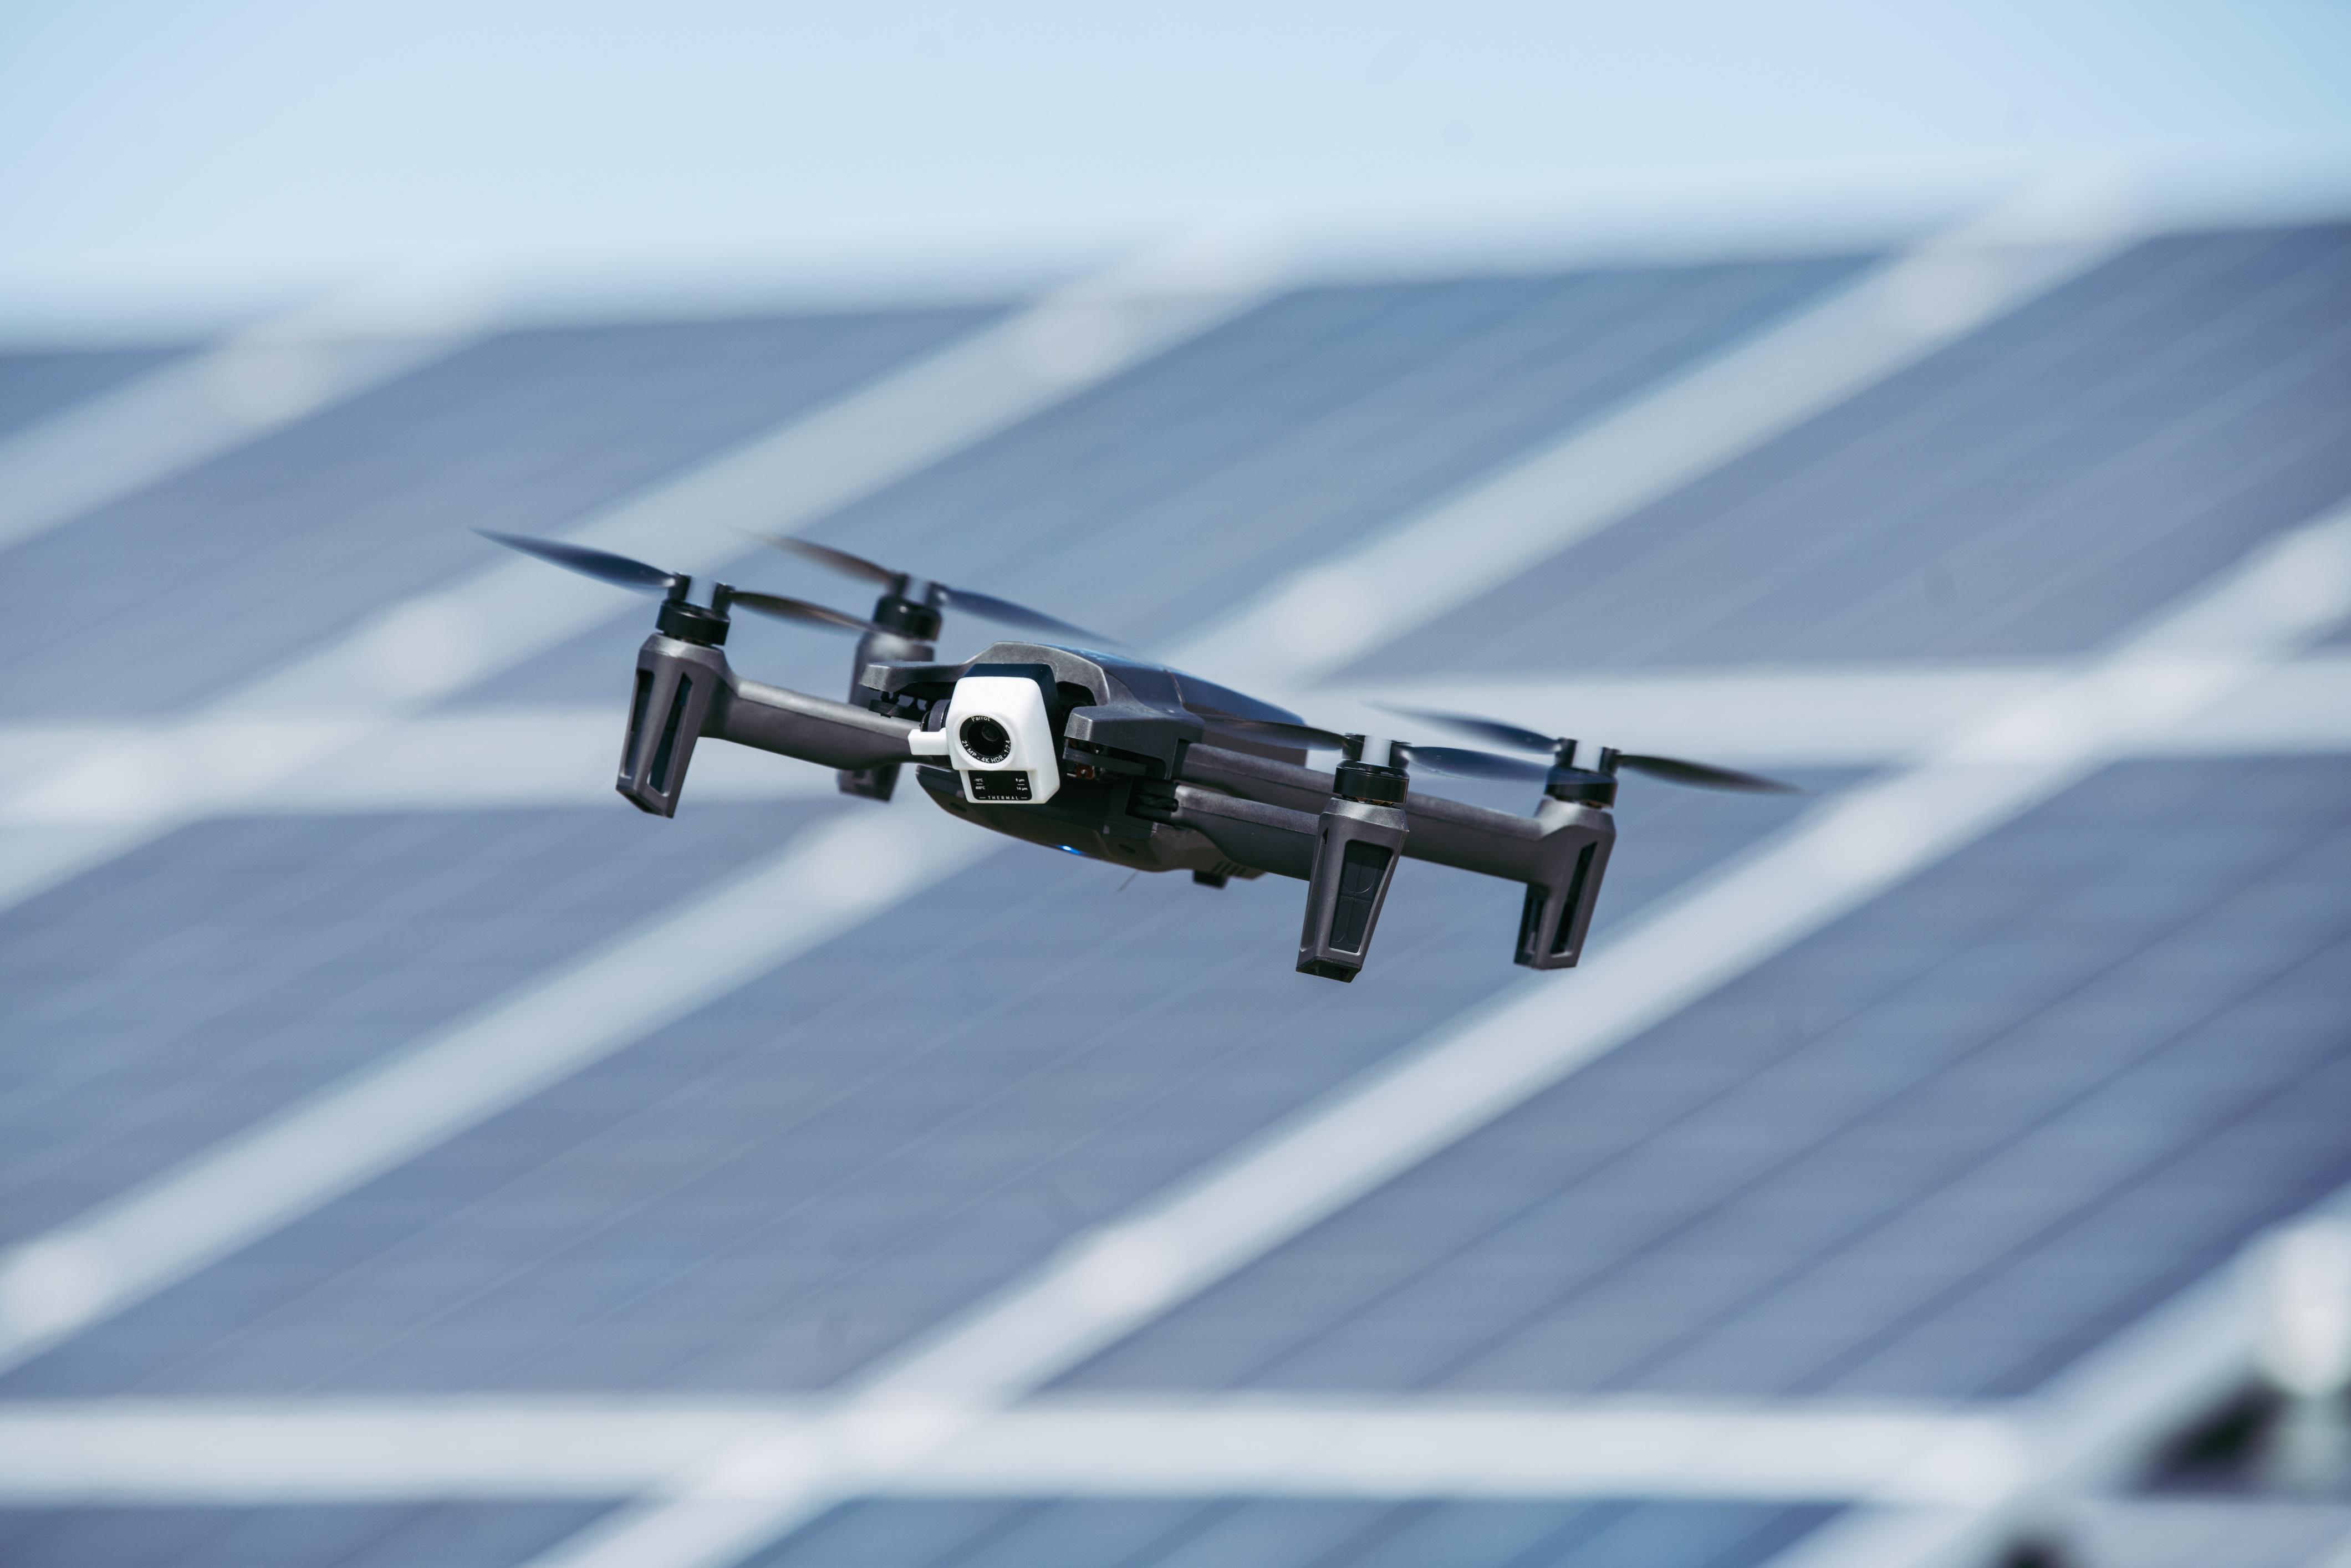 Parrot Anafi Thermal drone brings FLIR camera, lighter